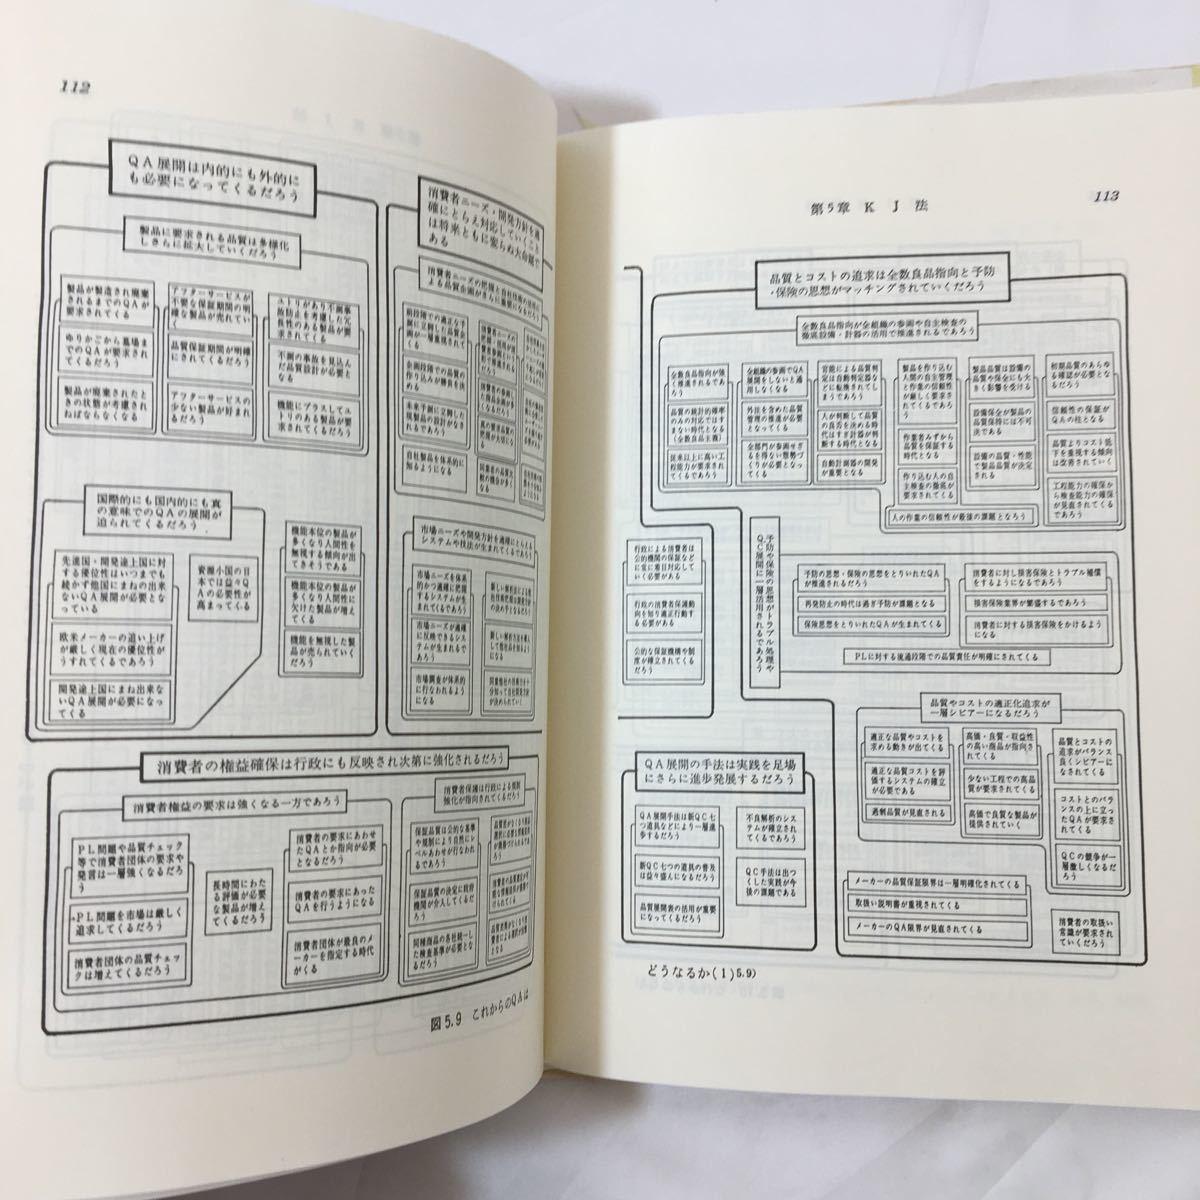 zaa-11 管理者スタッフの新QC七つ道具  日本科学技術連盟 (著) 単行本 1979/5/1_画像5